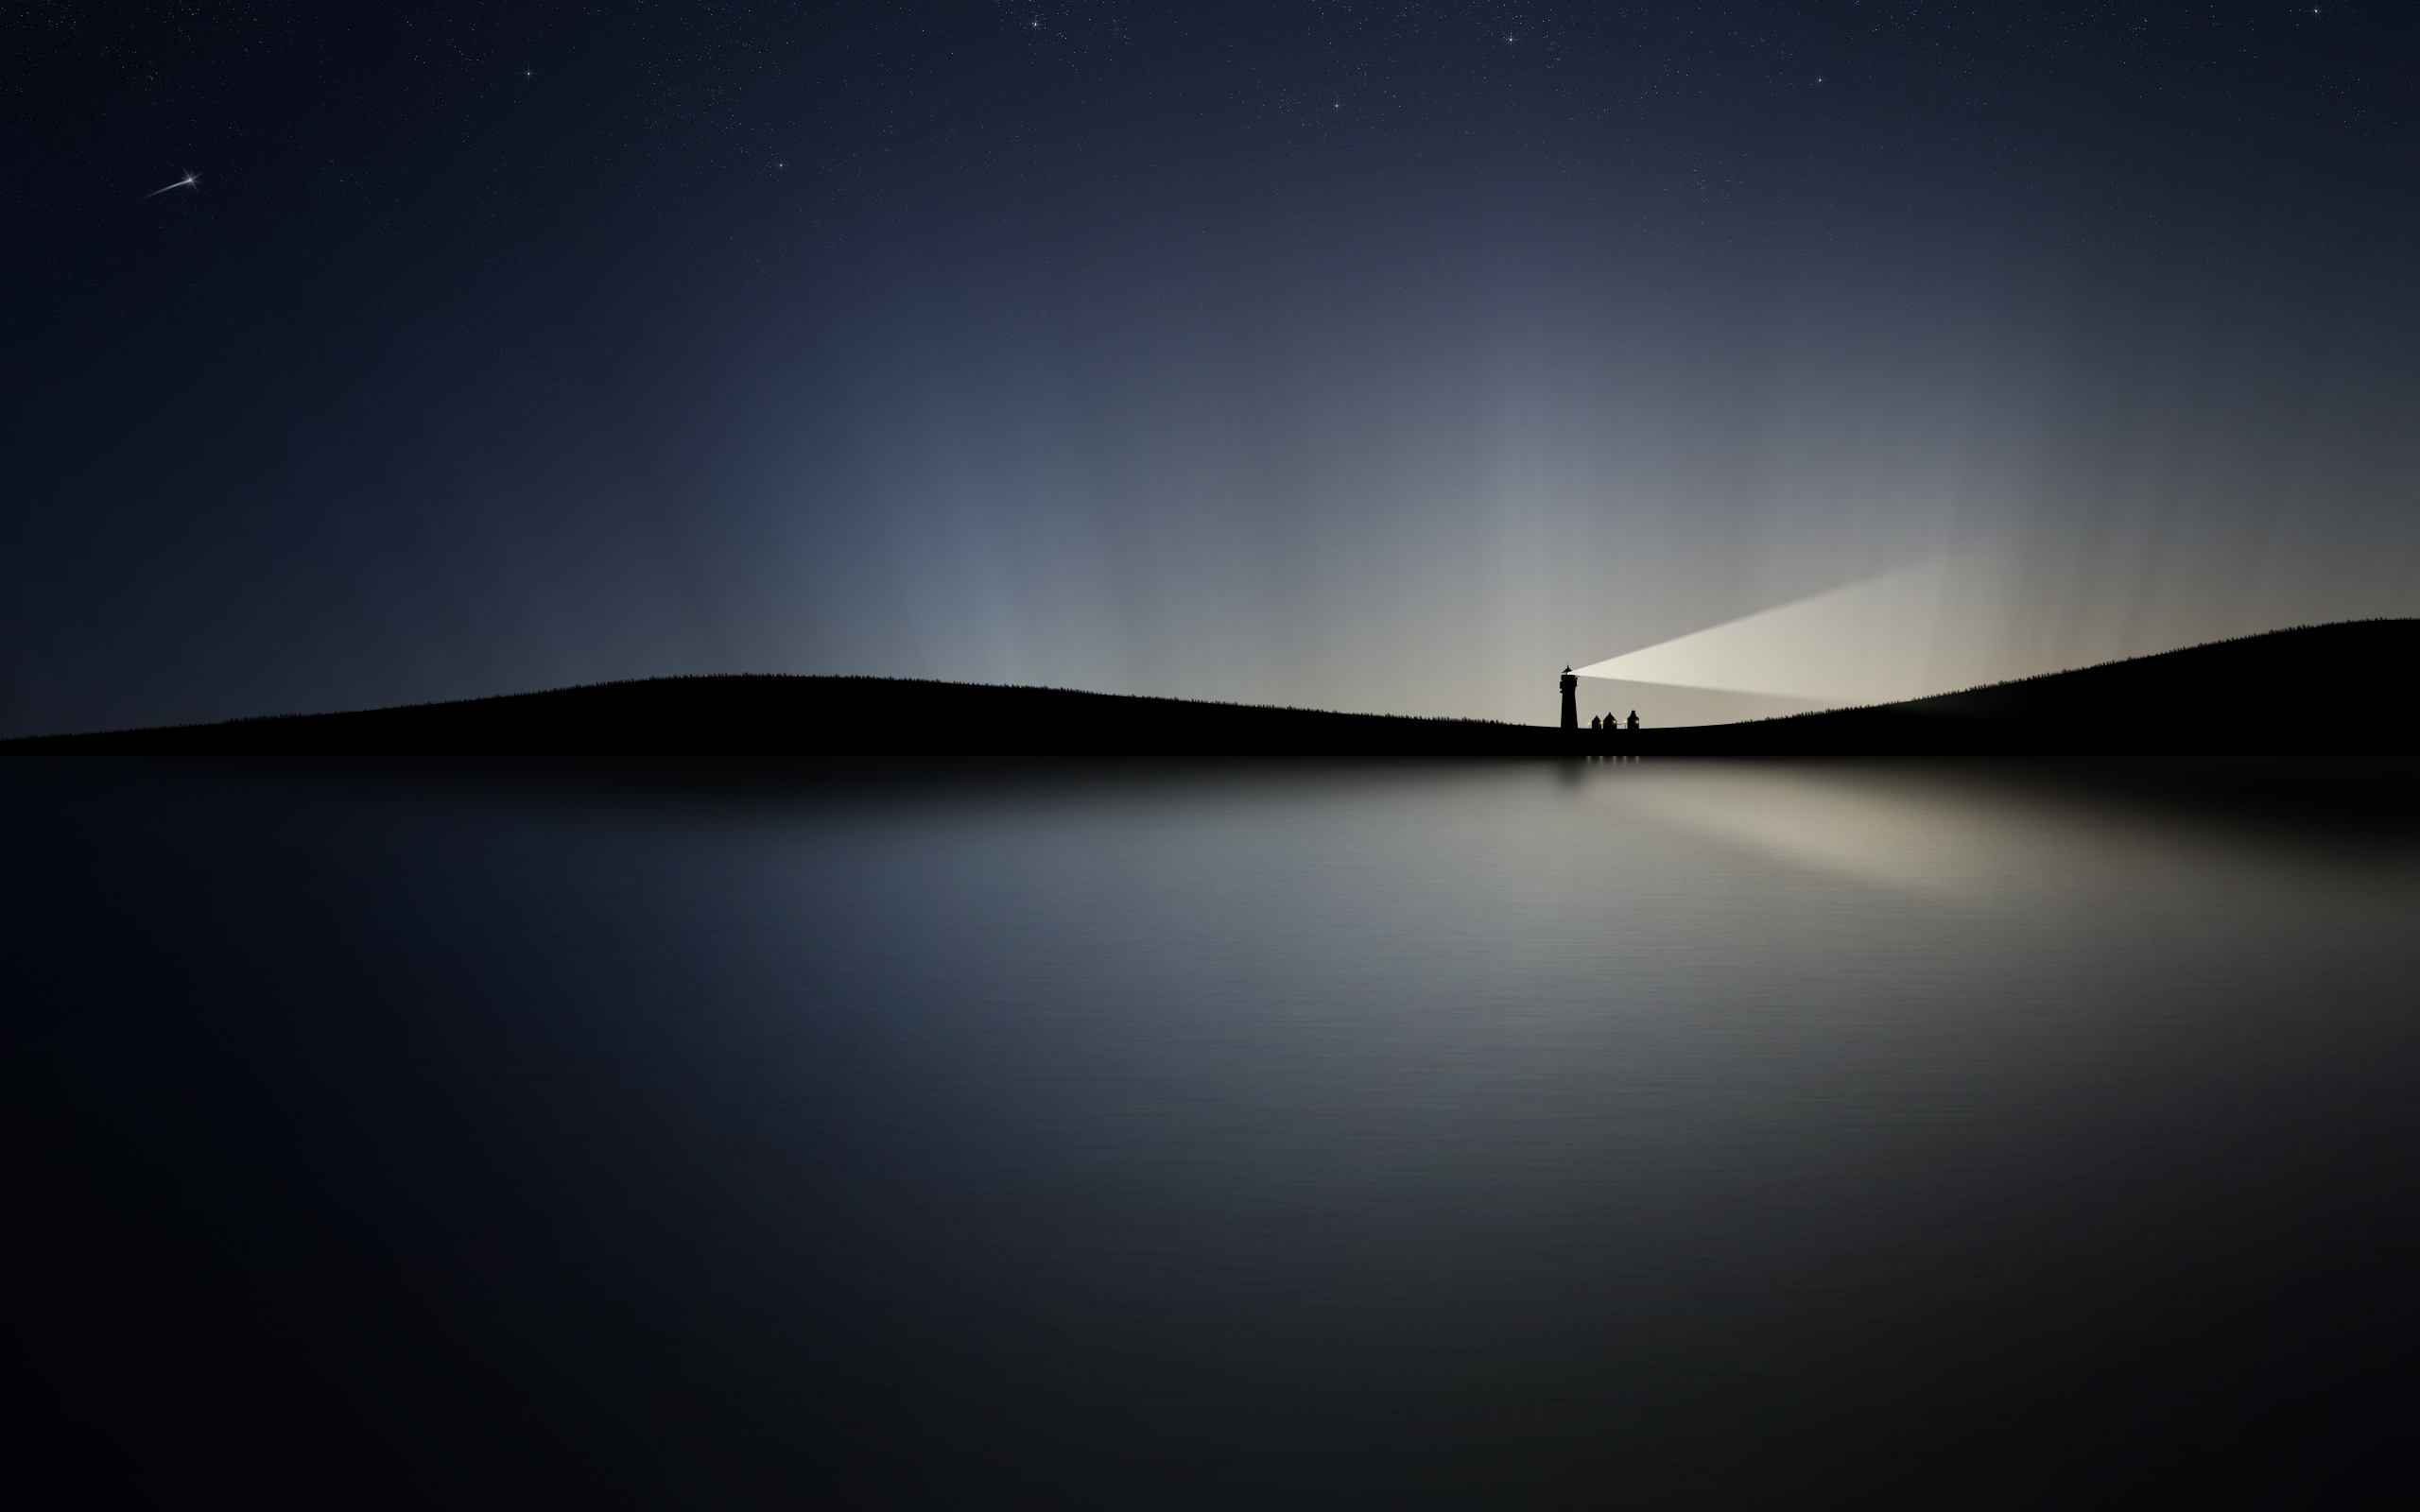 night sky wallpaper 11295